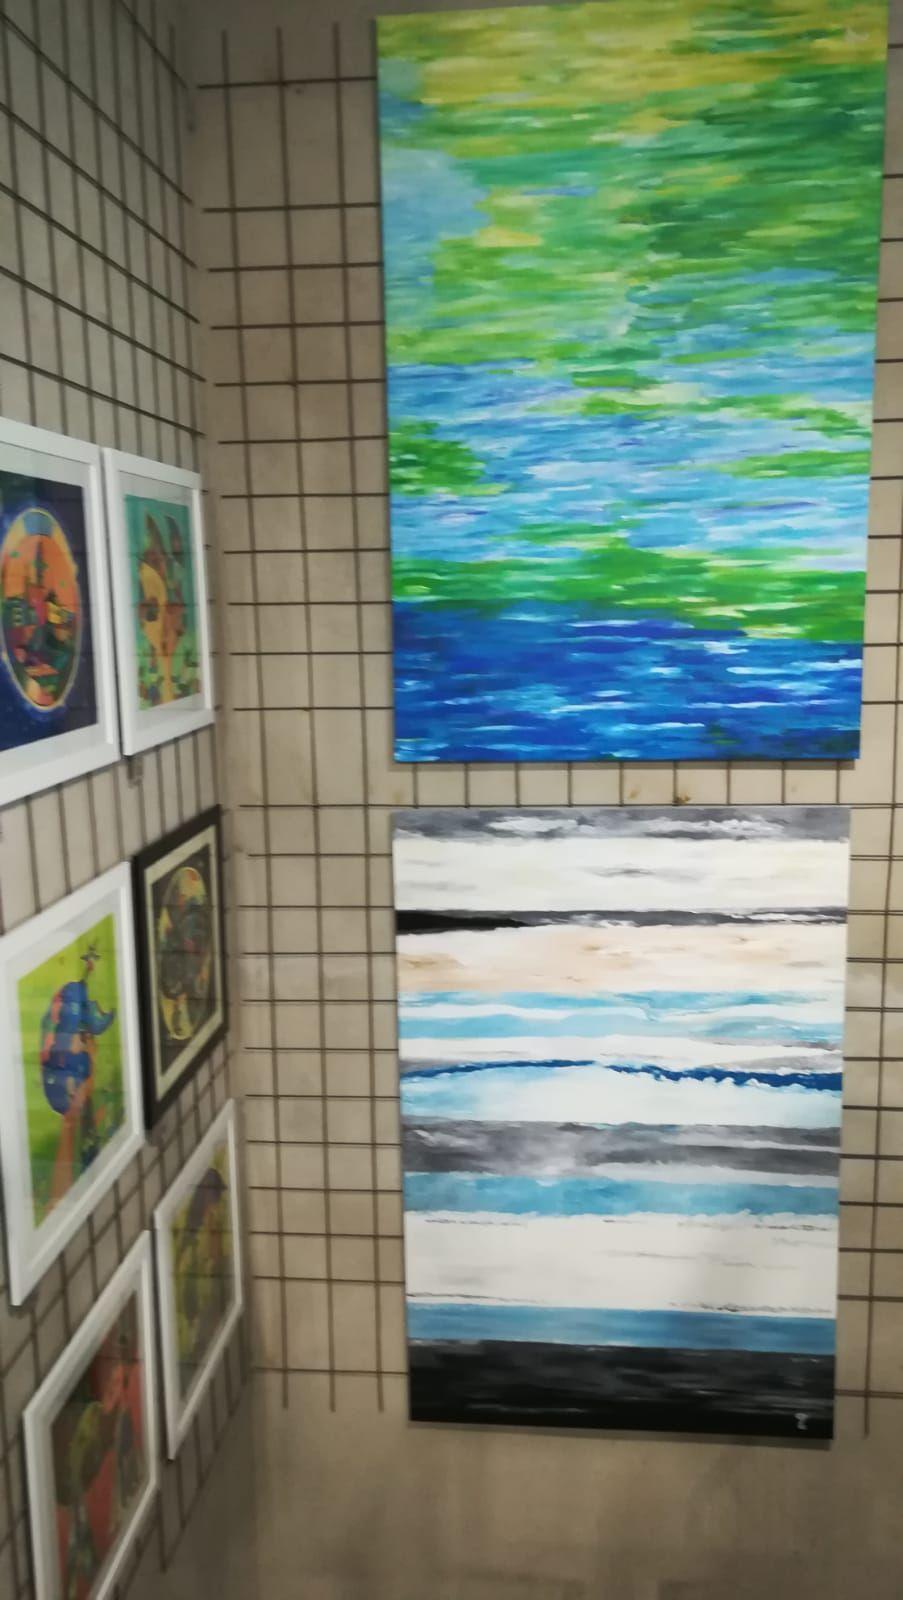 Venta de arte en Sitges